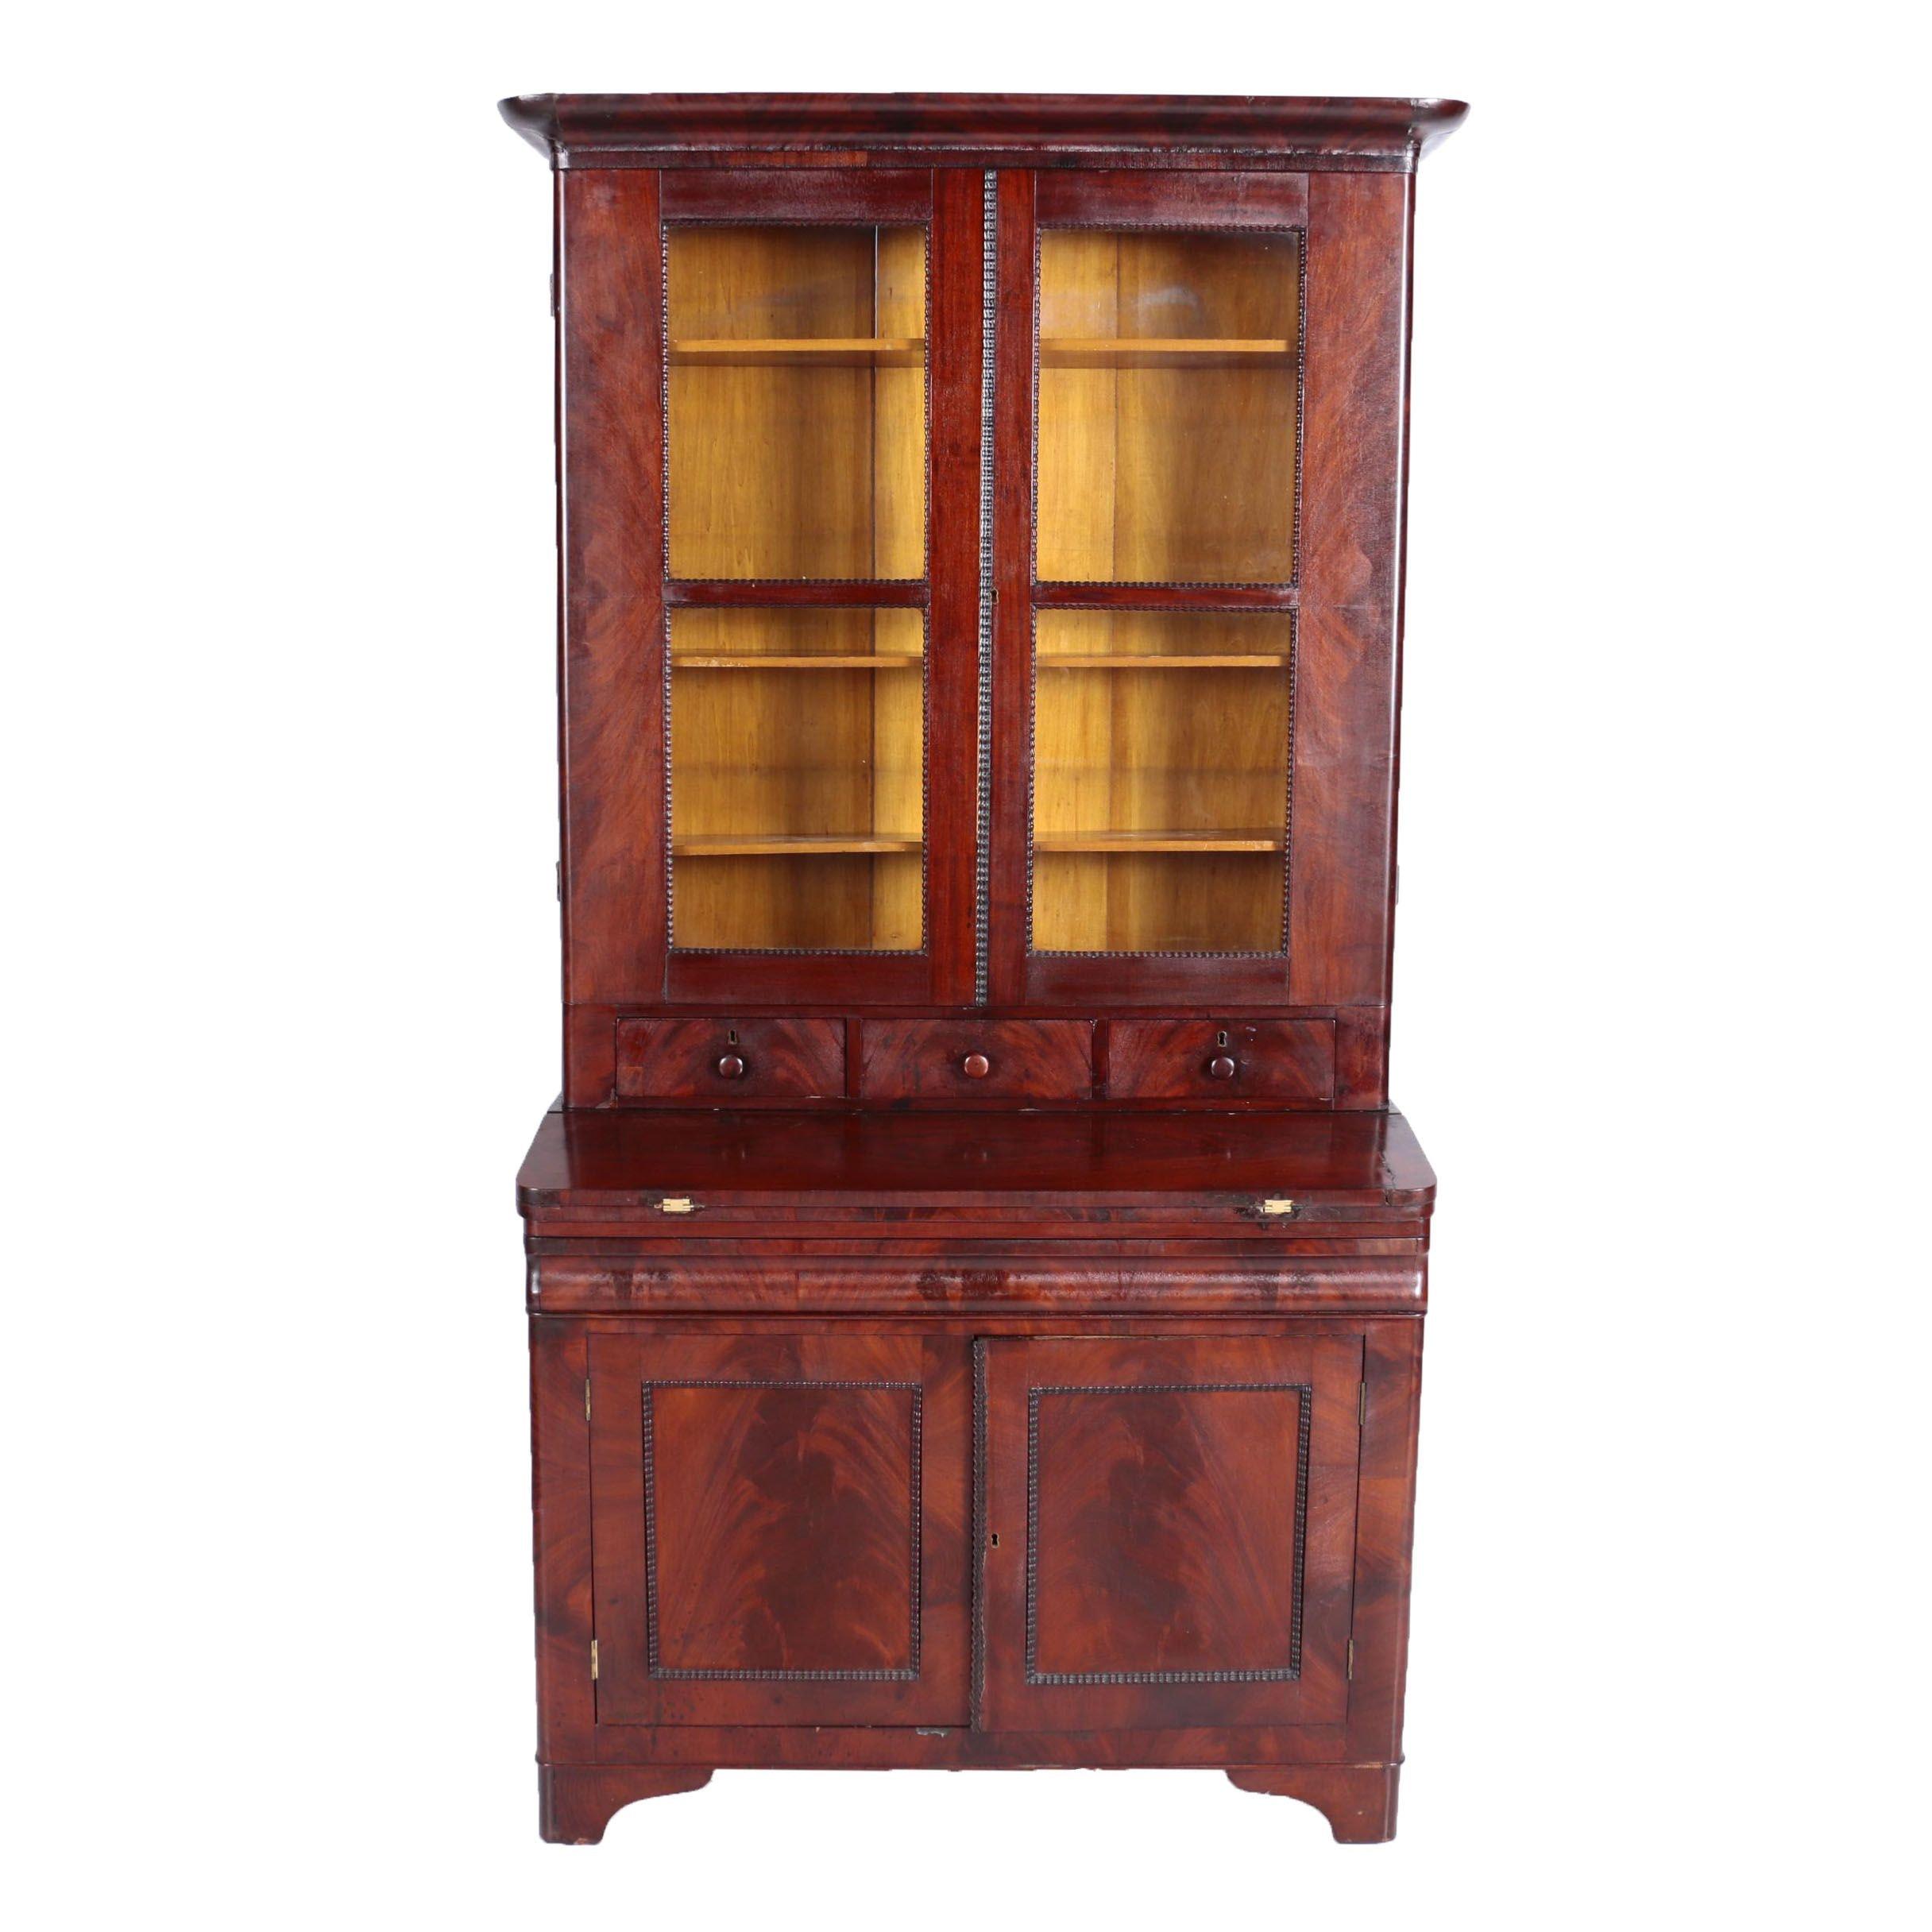 Victorian Mahogany Secretary Bookcase, Mid 19th Century